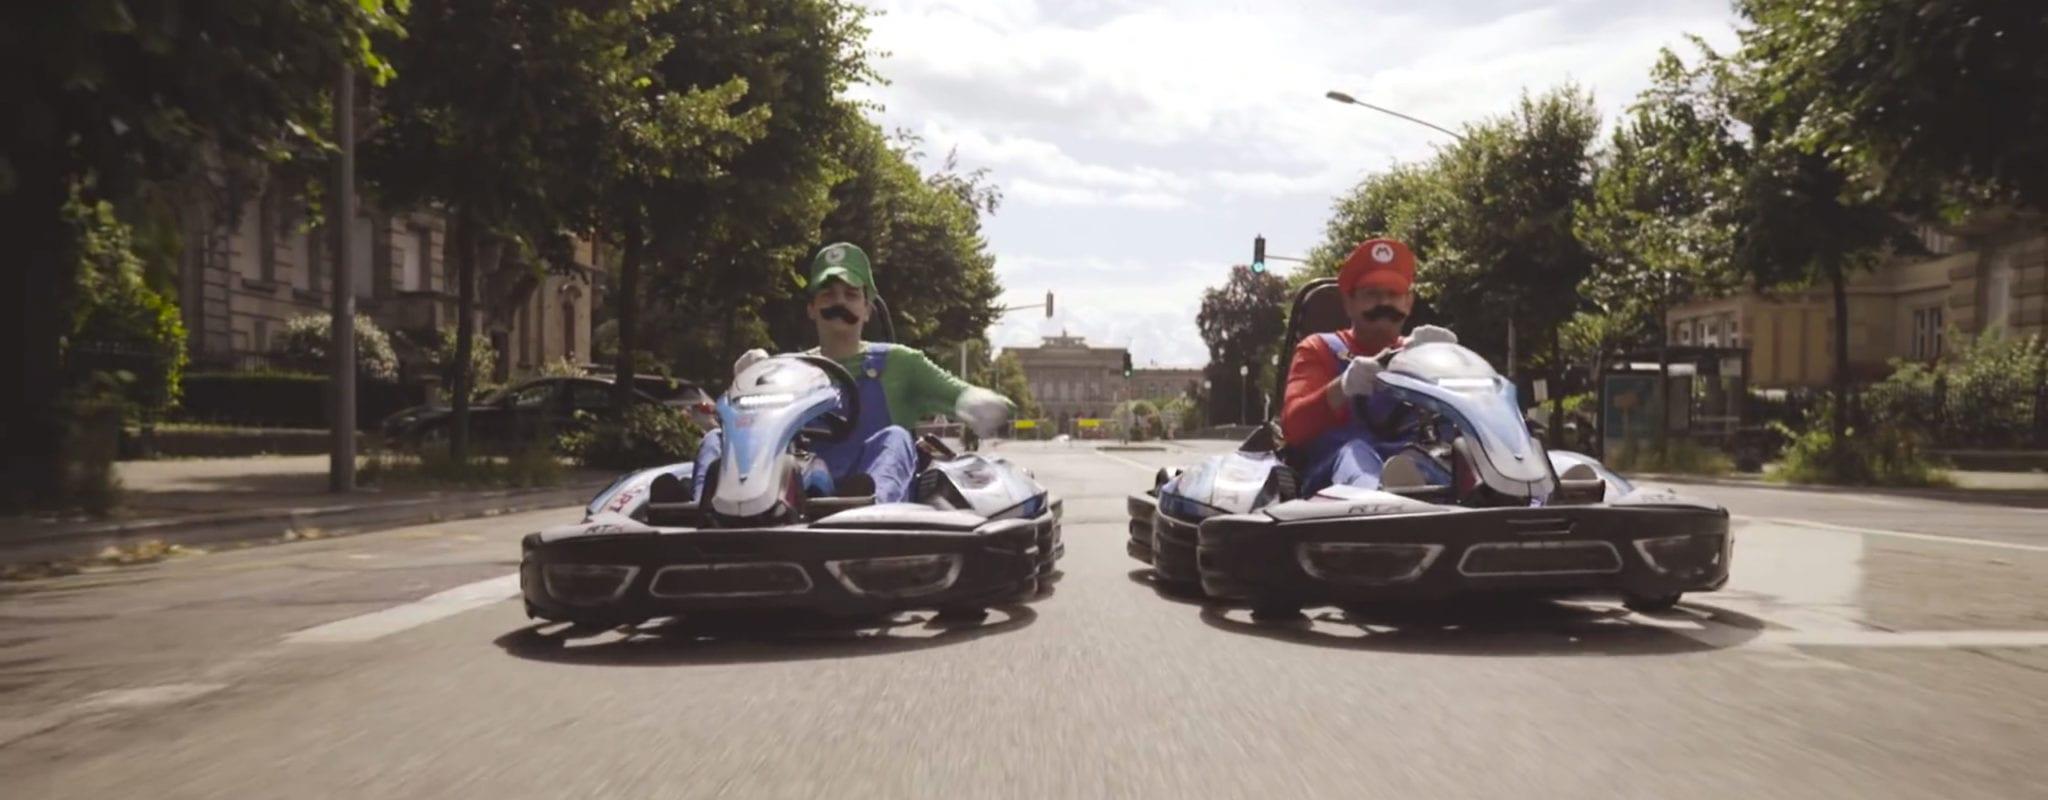 Grâce à Super Mario Kart, Strasbourg tient son championnat mondial